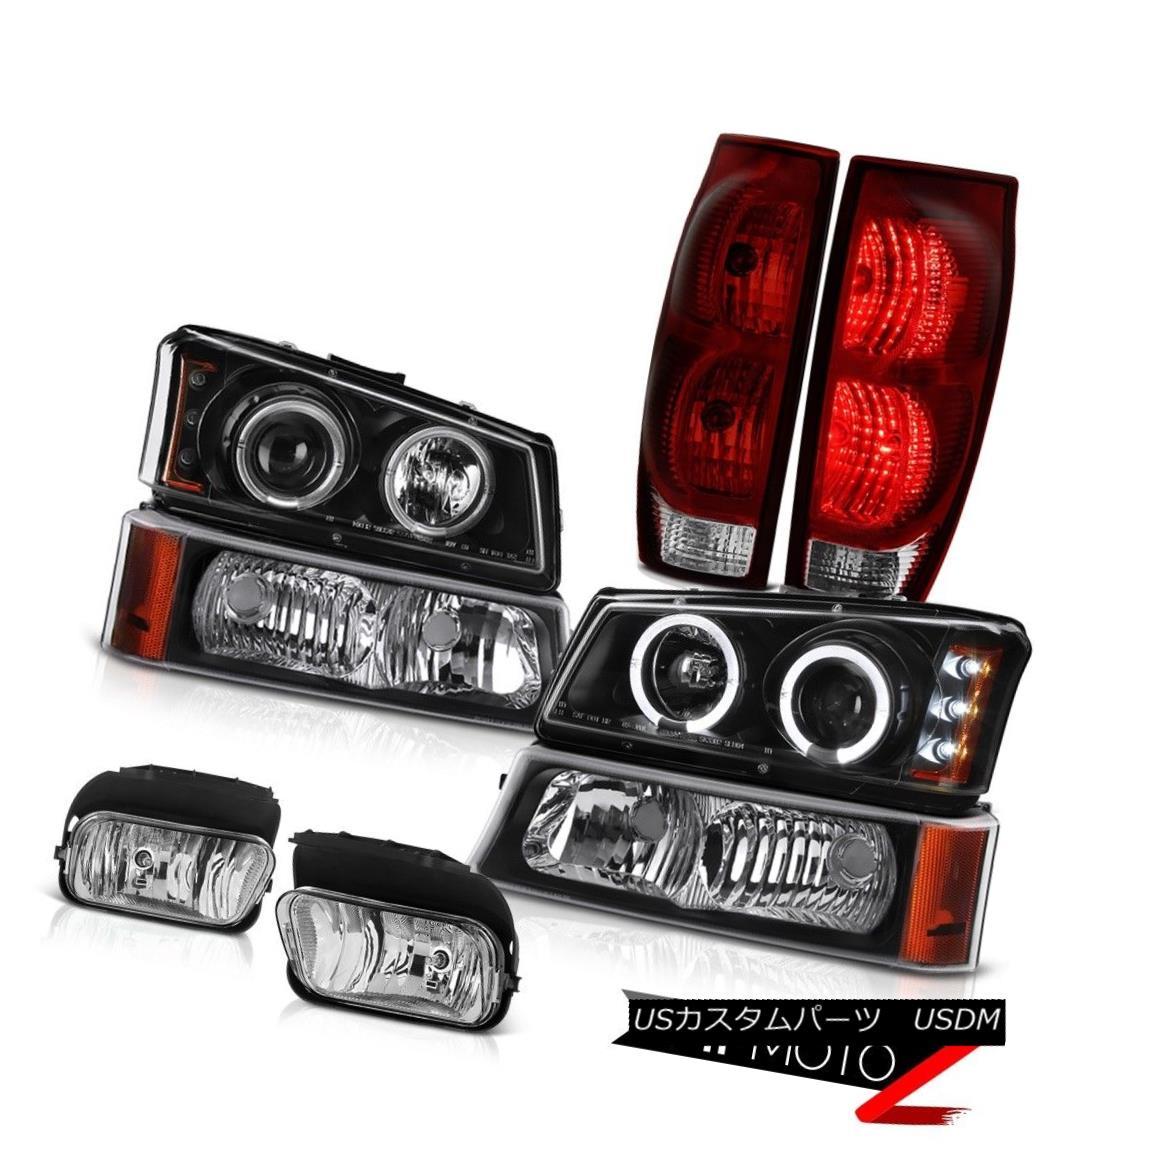 テールライト 2003-2006 Avalanche 1500 Foglamps Smoked Red Tail Lamps Signal Light Headlamps 2003-2006雪崩1500 Foglampsスモークテールランプシグナルライトヘッドランプ